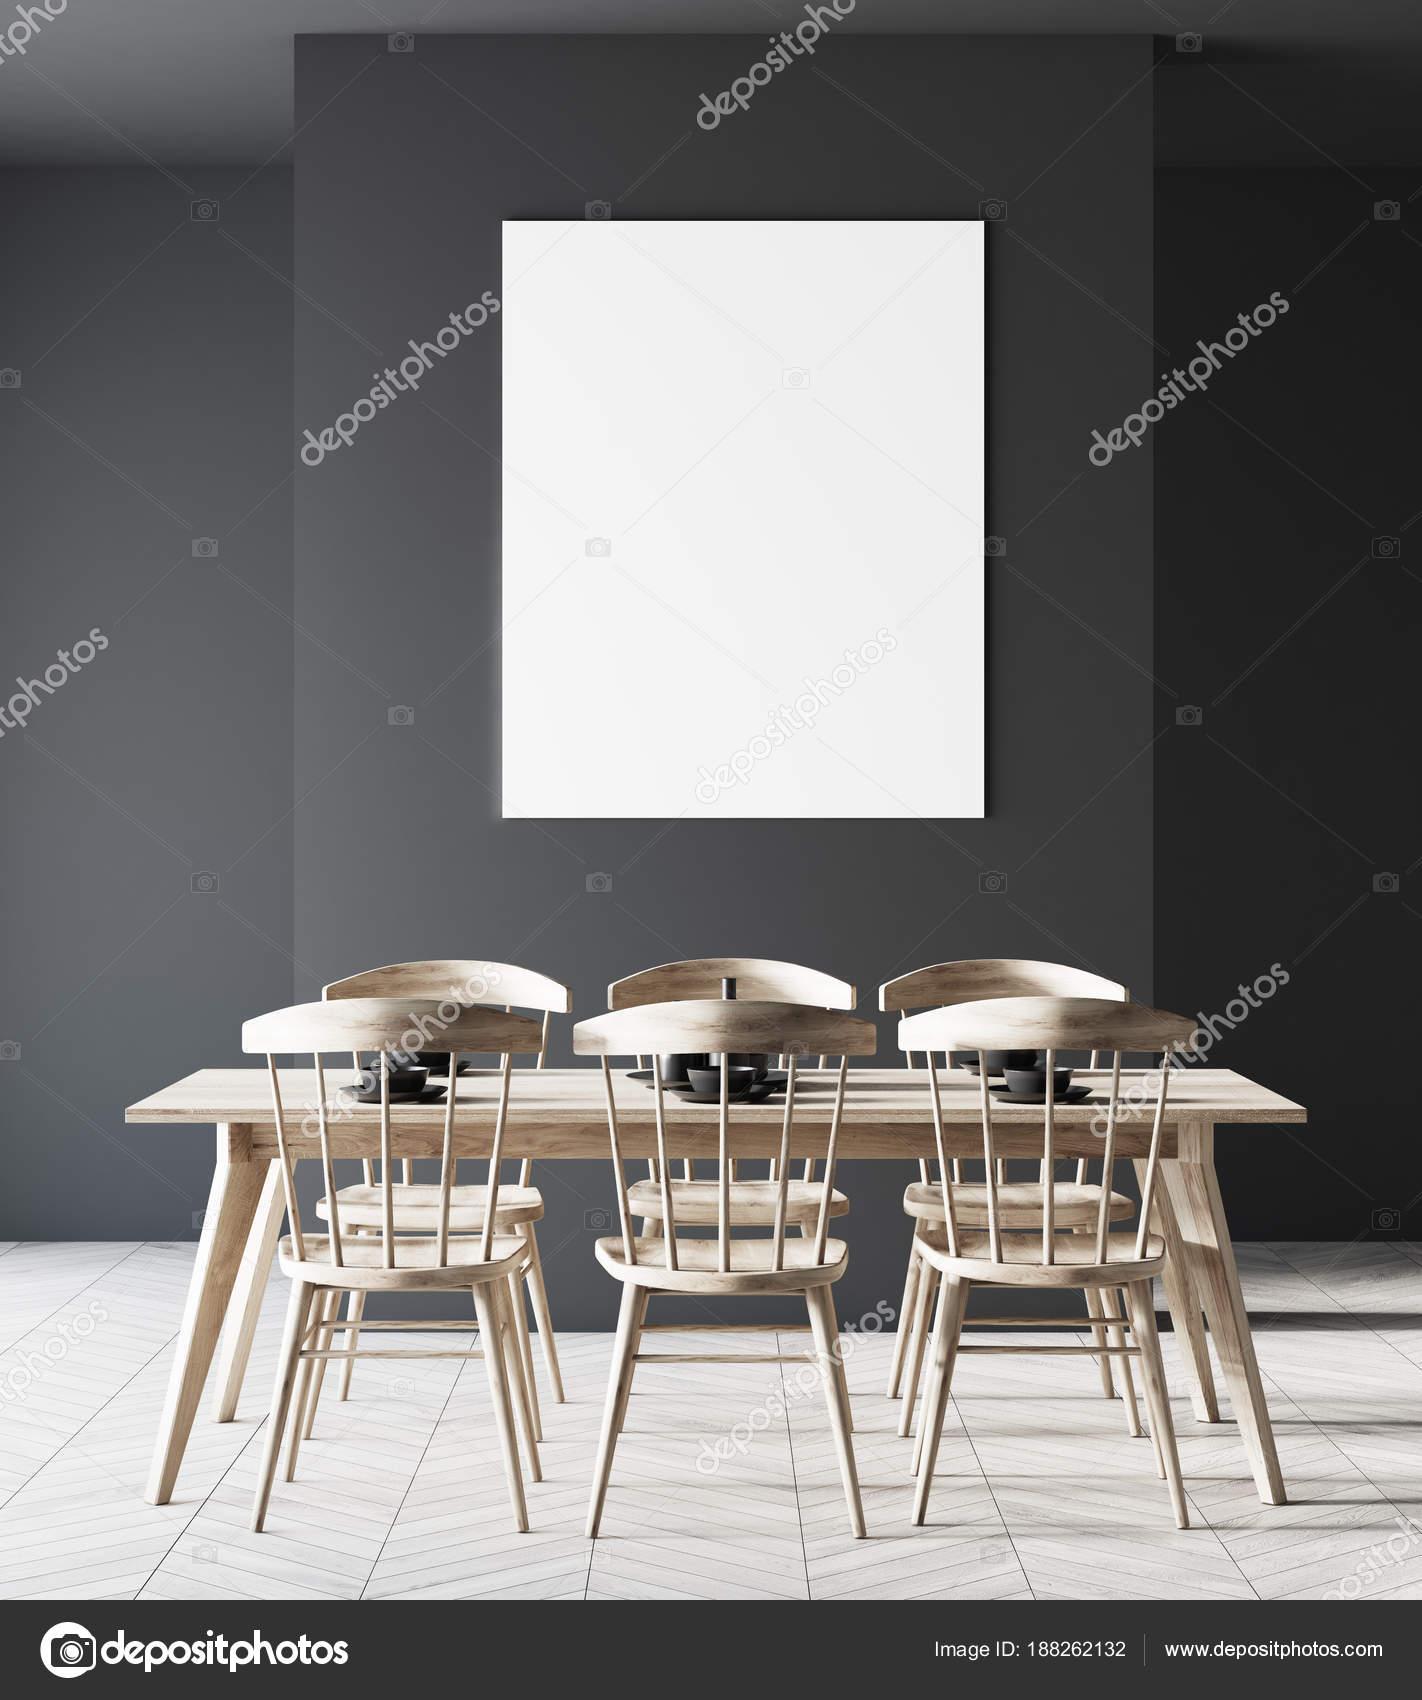 Nero Camera Da Pranzo Sedie In Legno Poster Foto Stock